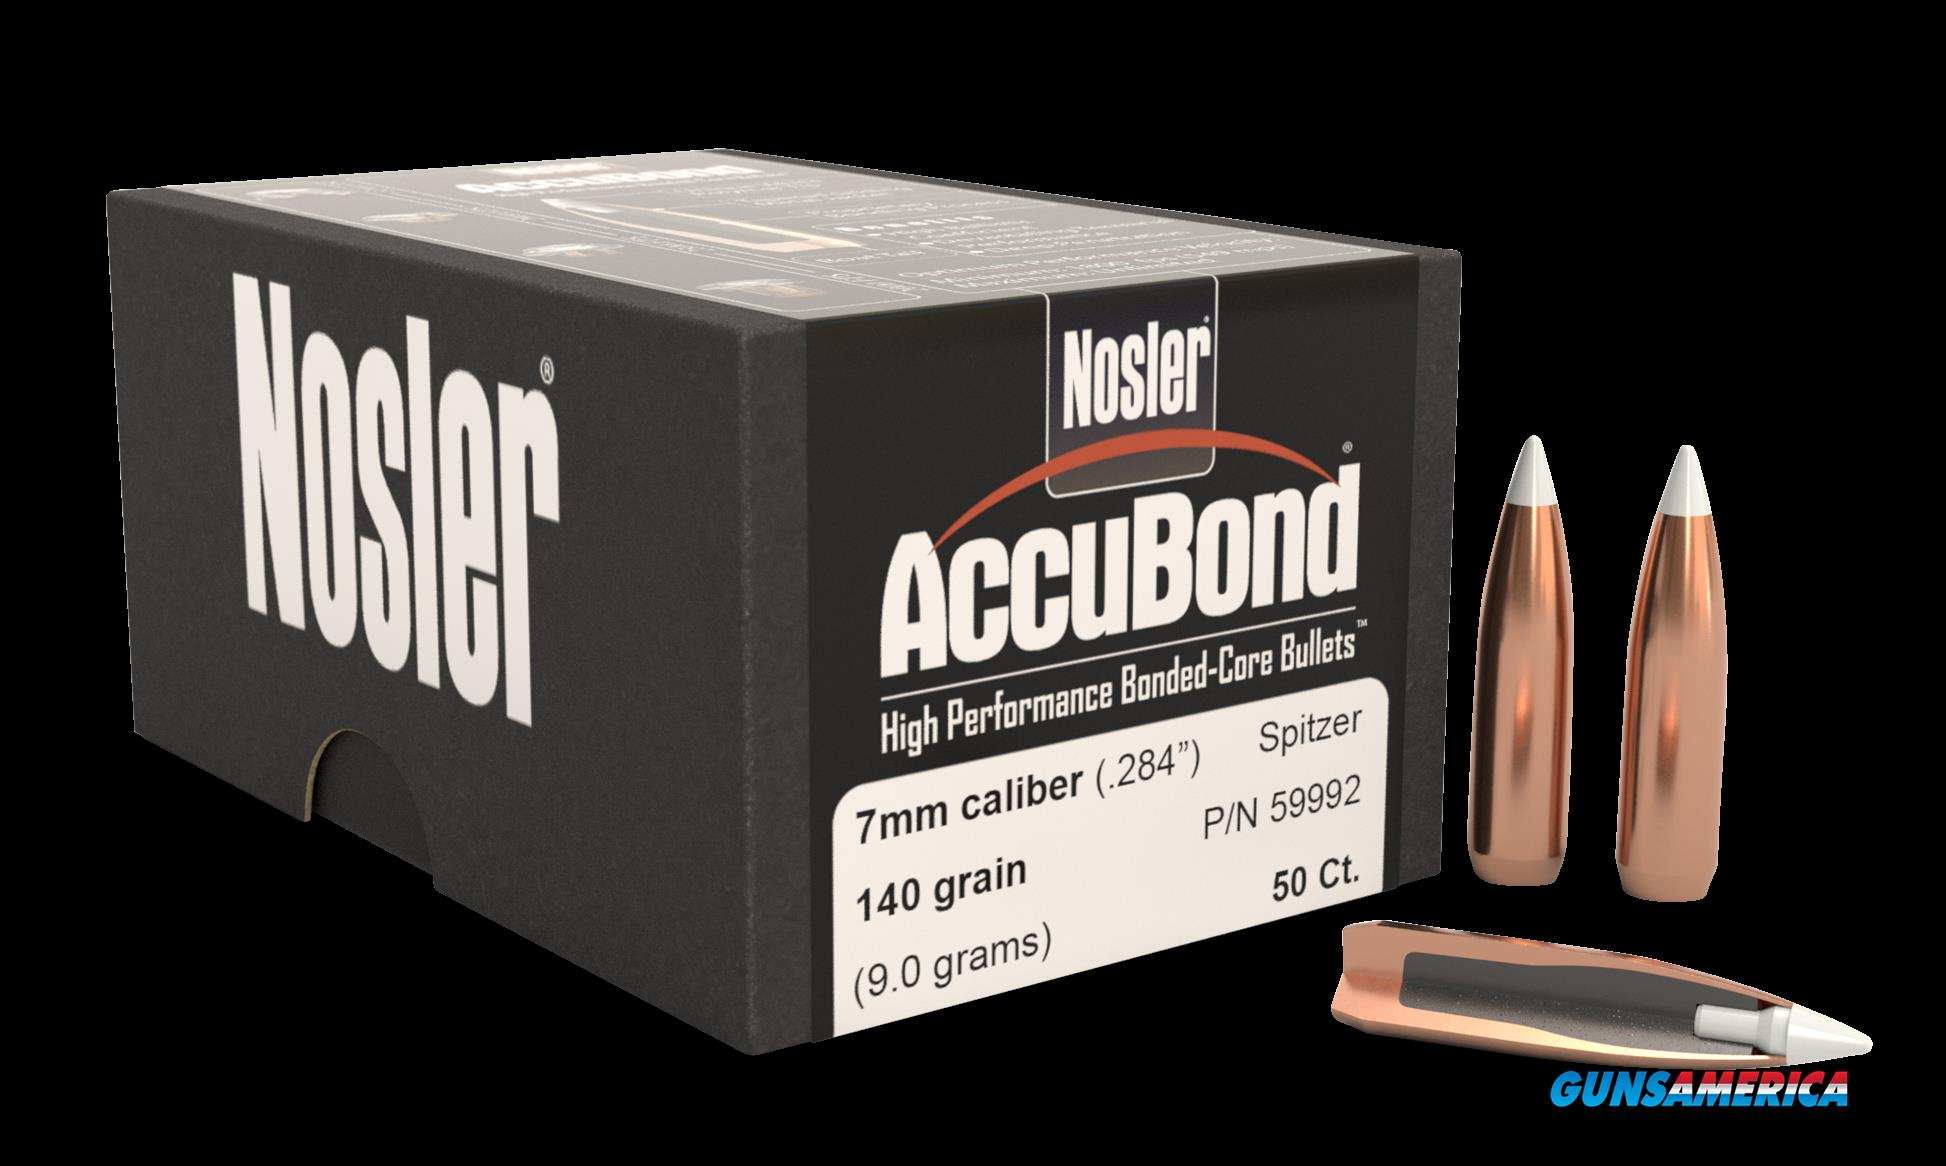 Nosler Accubond, Nos 59992 Accubond   284 140 Sptzr  50  Guns > Pistols > 1911 Pistol Copies (non-Colt)